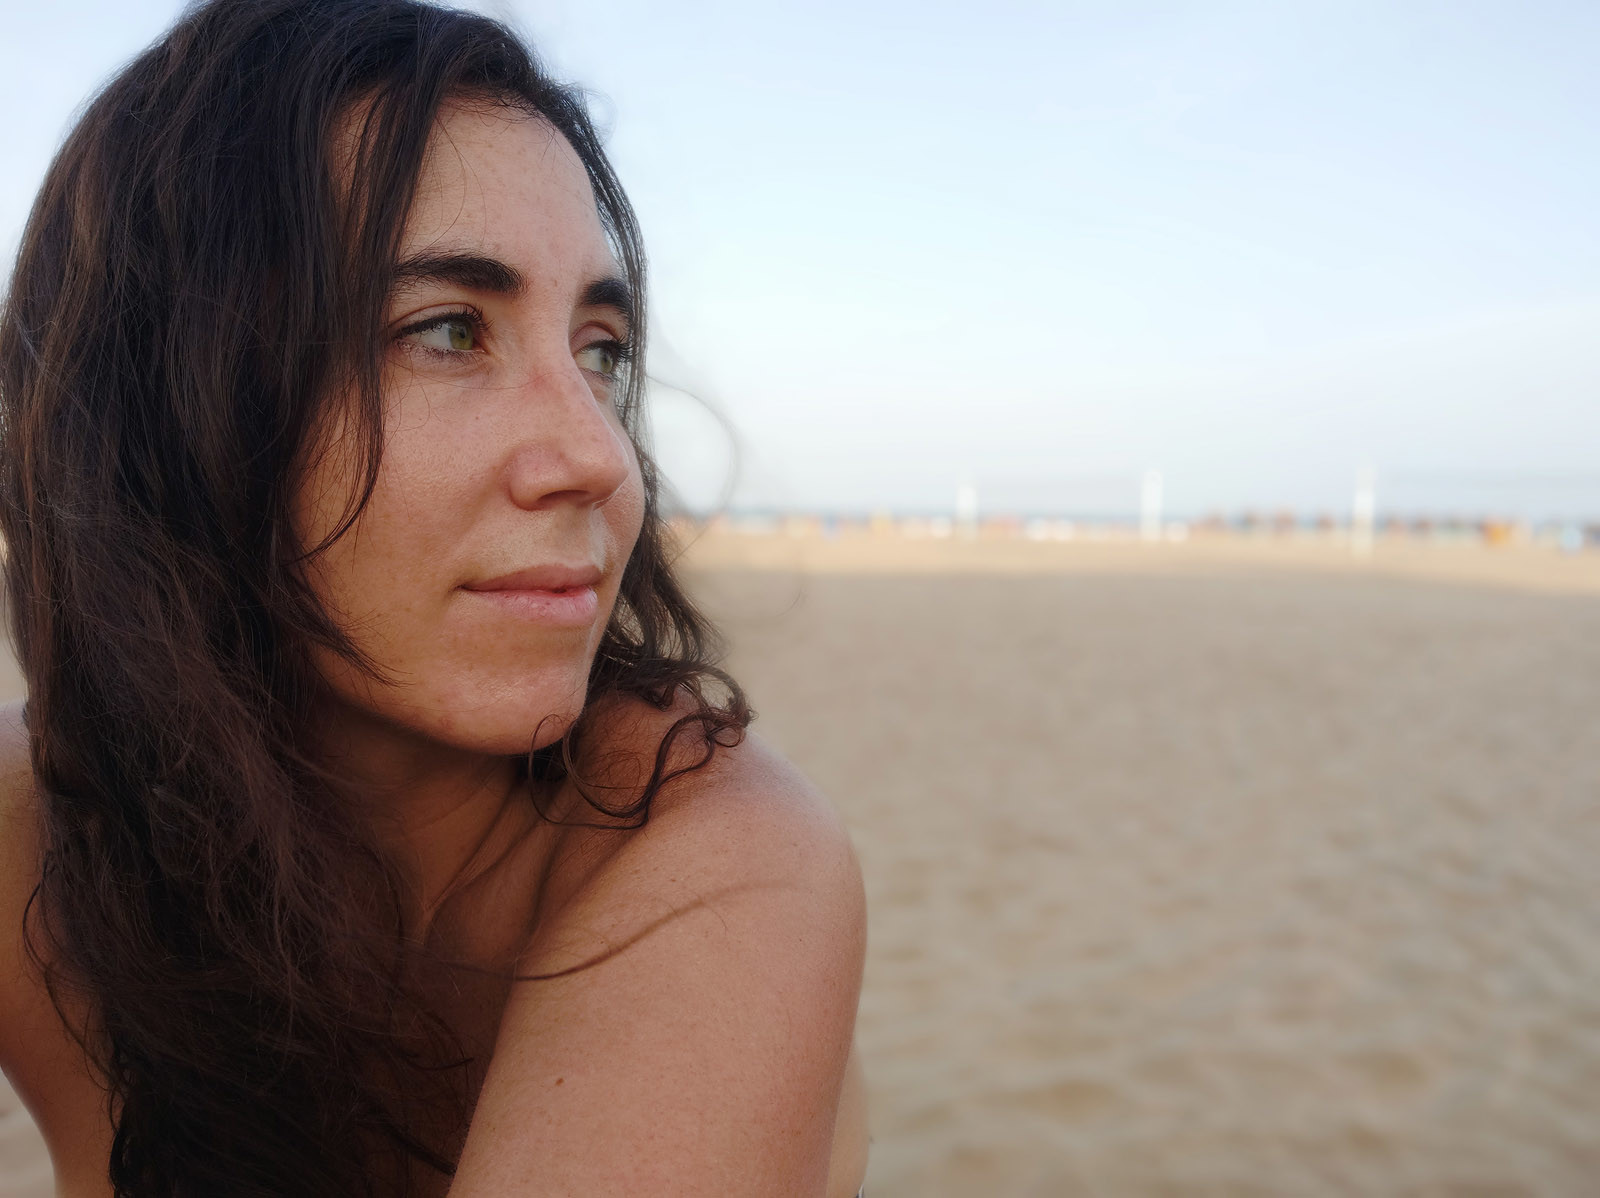 Foto de POCOPHONE F1, modo retrato (19/19)